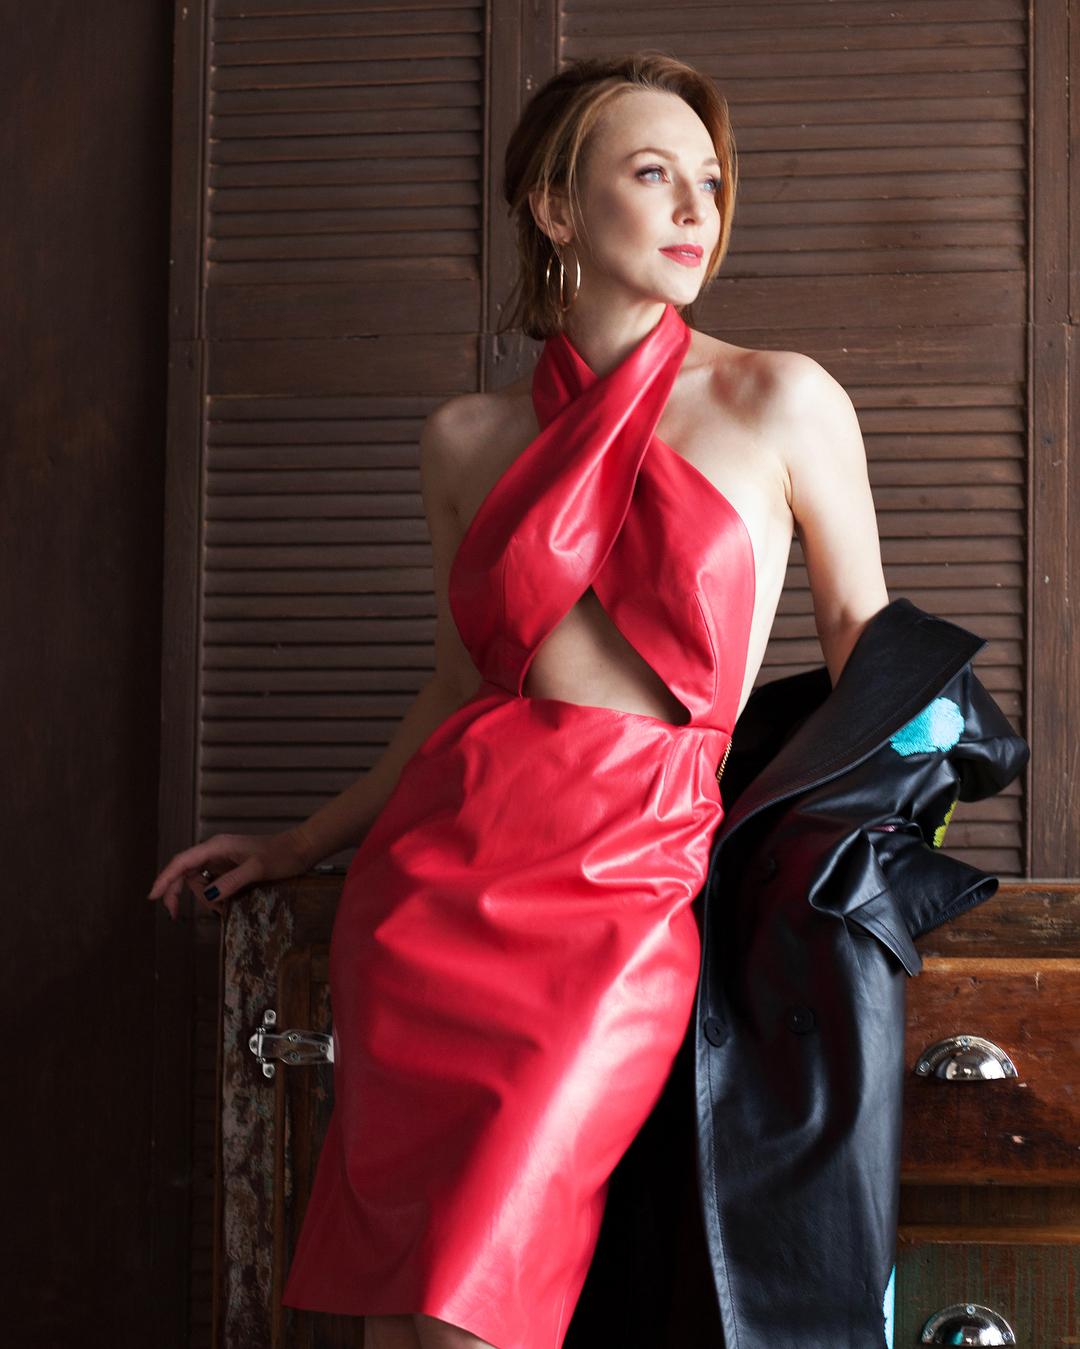 Кожа ей к лицу: откровенное платье Джанабаевой взорвало соцсети